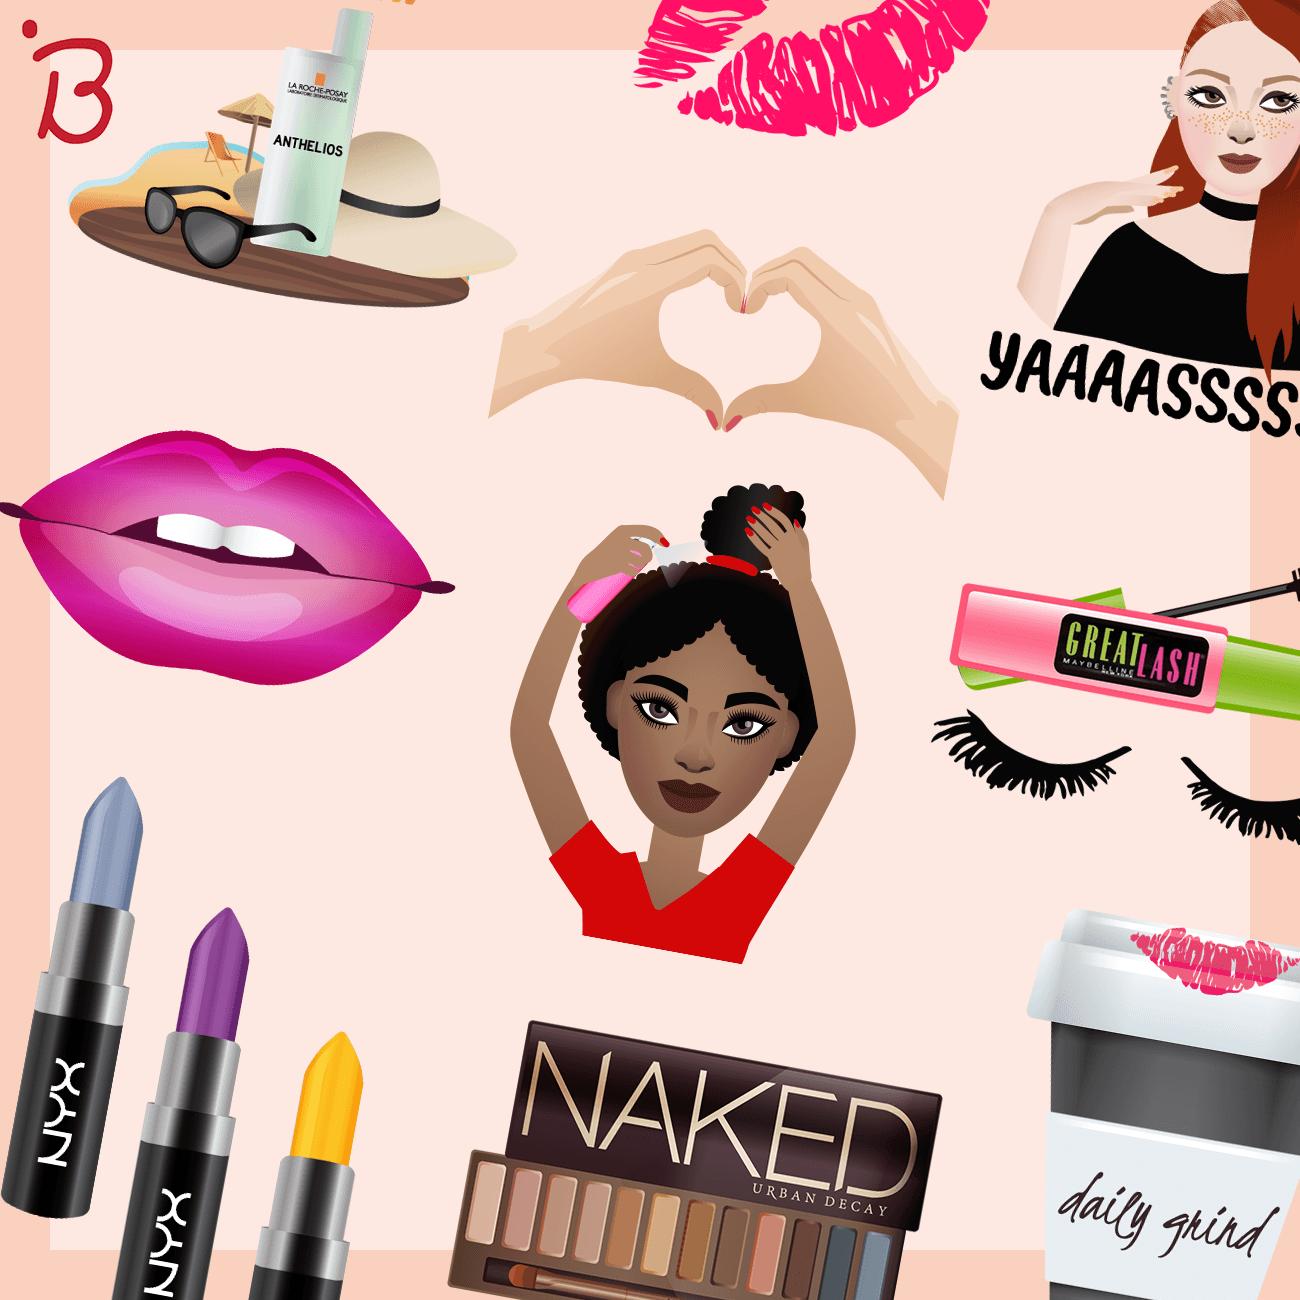 Makeup Products Makeup Tips Trends Tutorials Makeup Com Powered By L Oreal Makeup Lover Cute Makeup Makeup